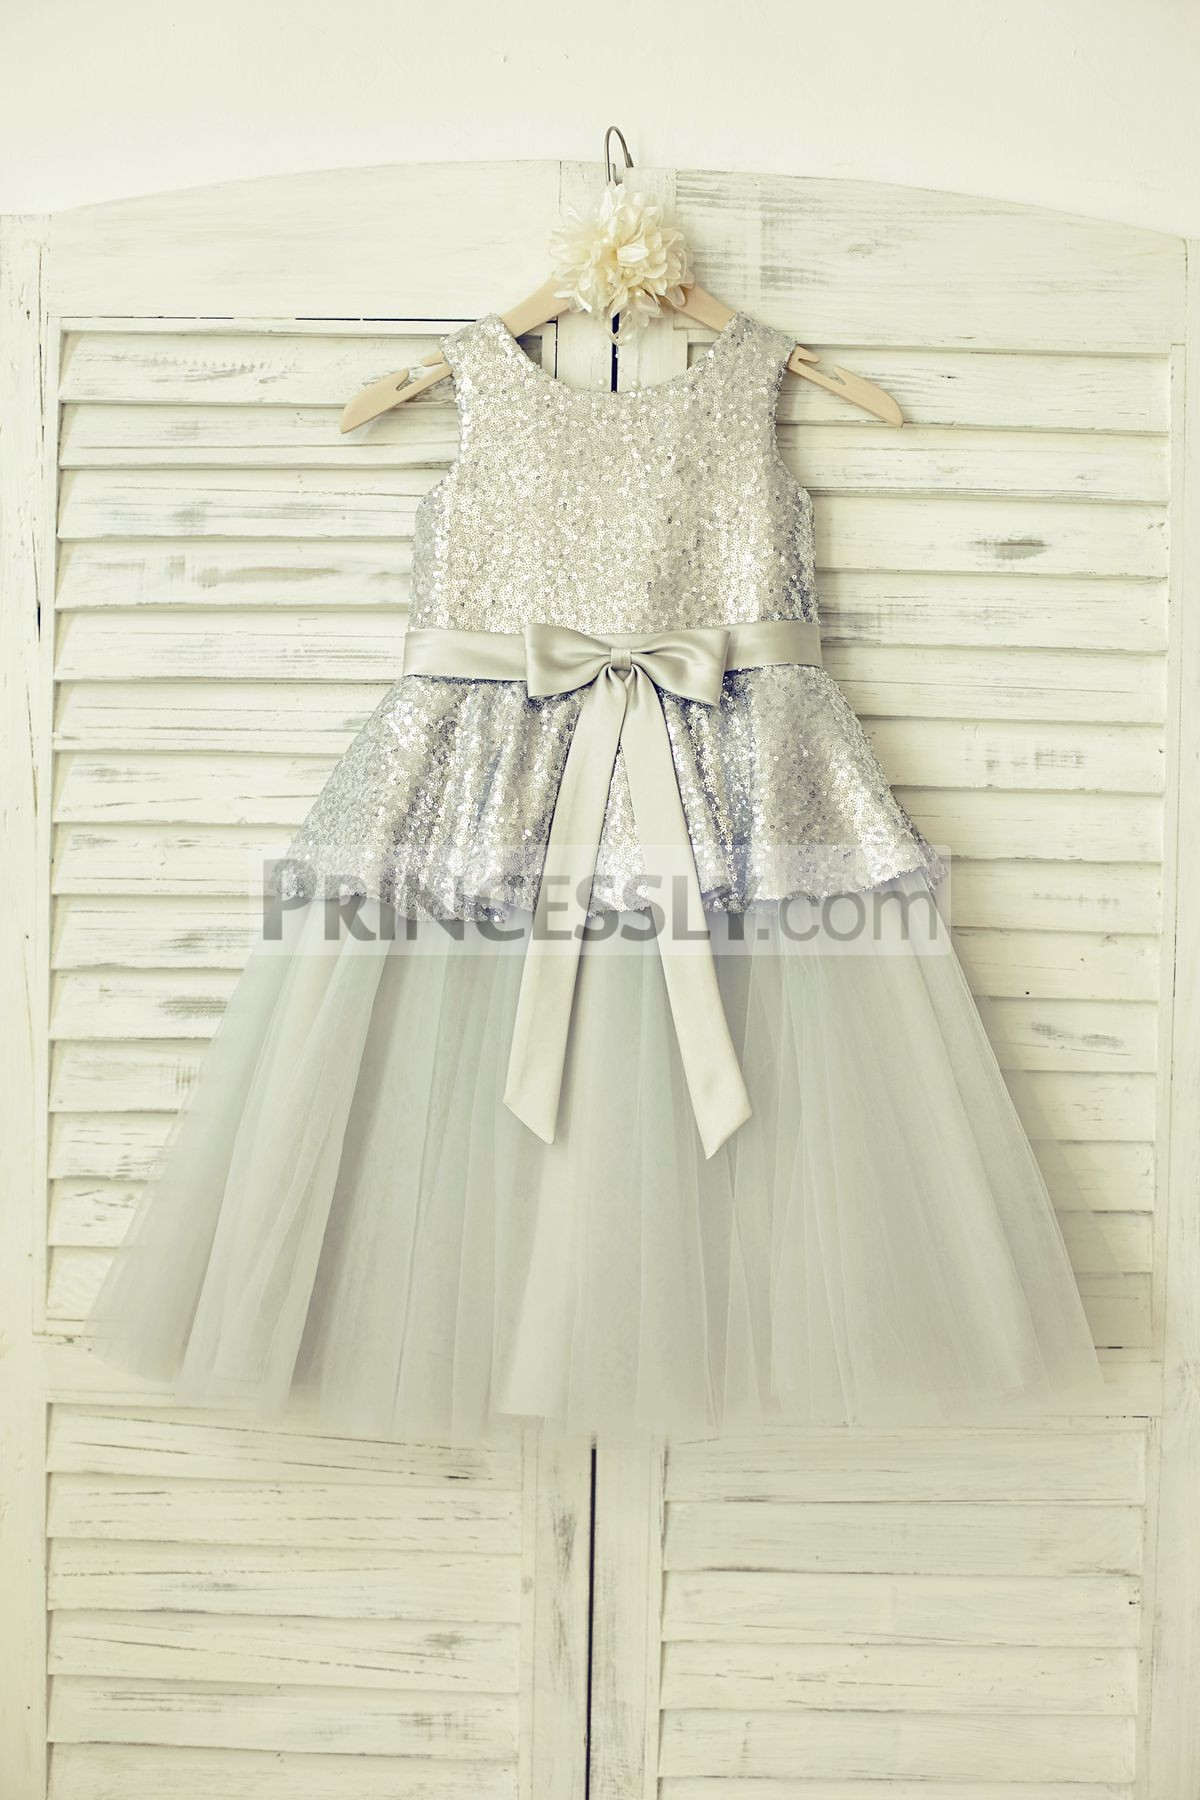 Silver sequins tulle overlay skirt flower girl dress